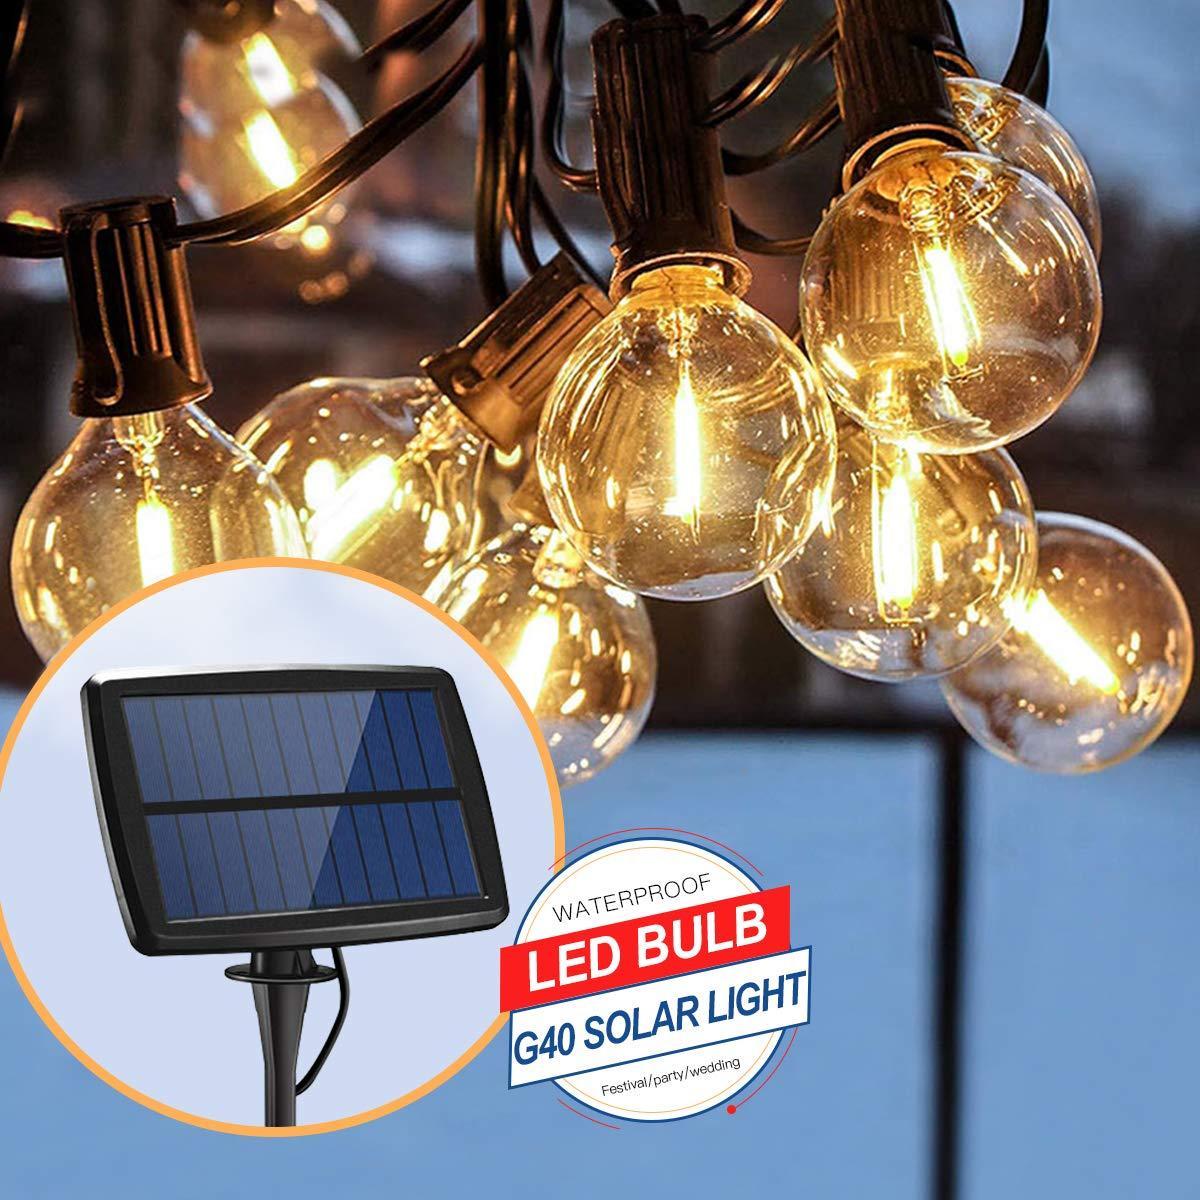 Светодиодный винтажный светильник-гирлянда  G40 на солнечной батарее 25 ламп